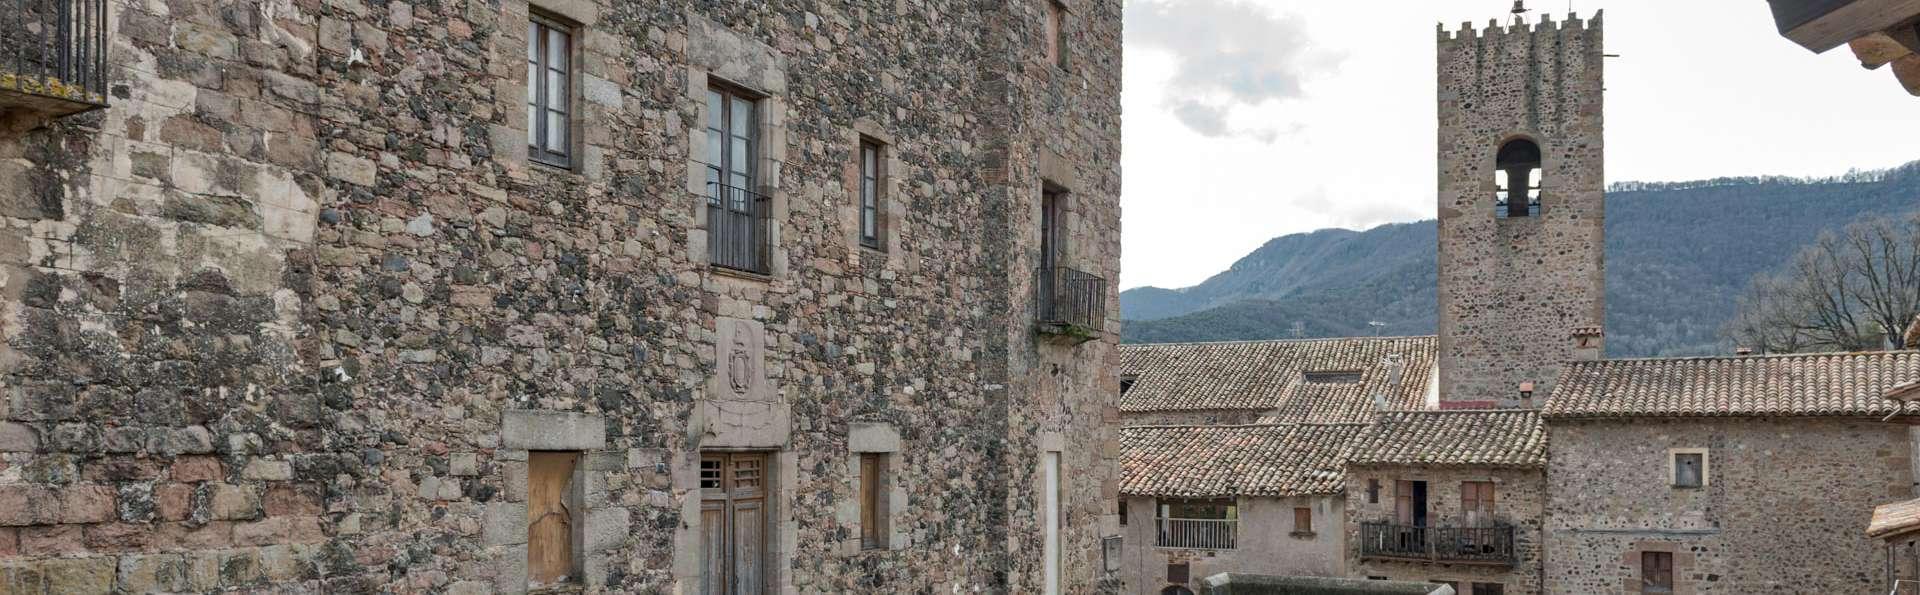 Découvrez en famille la Sierra de la Garrotxa depuis l'intérieur